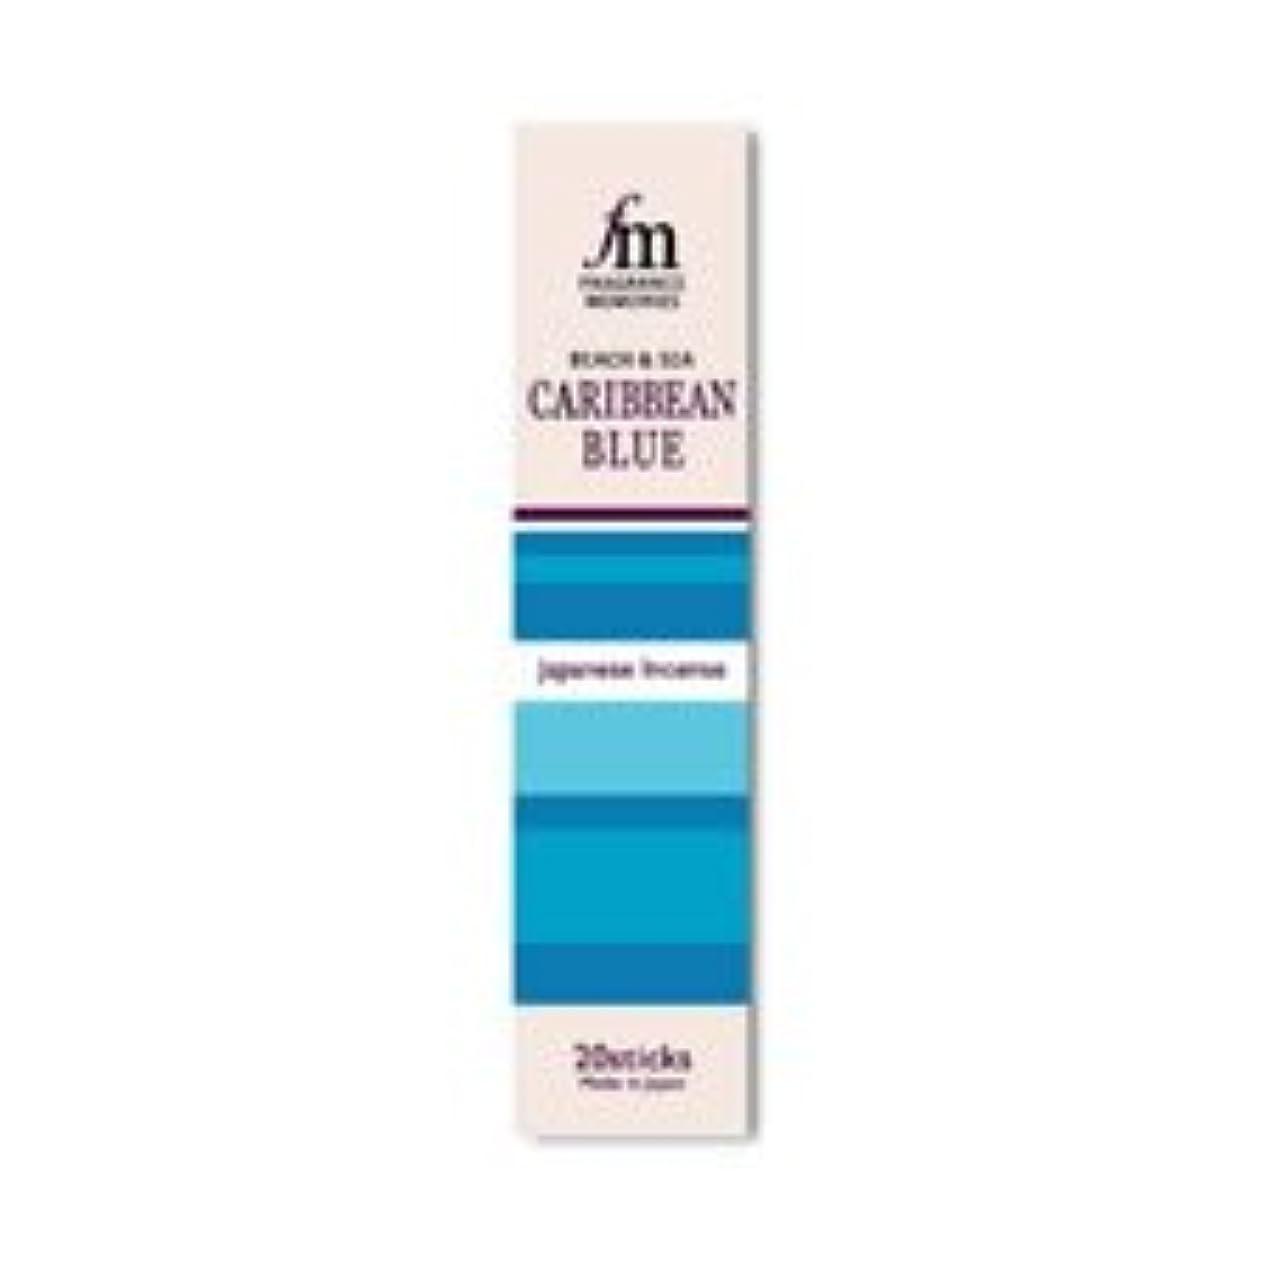 フォーマルワット月Fragrance Memoriesお香: Caribbean Blue